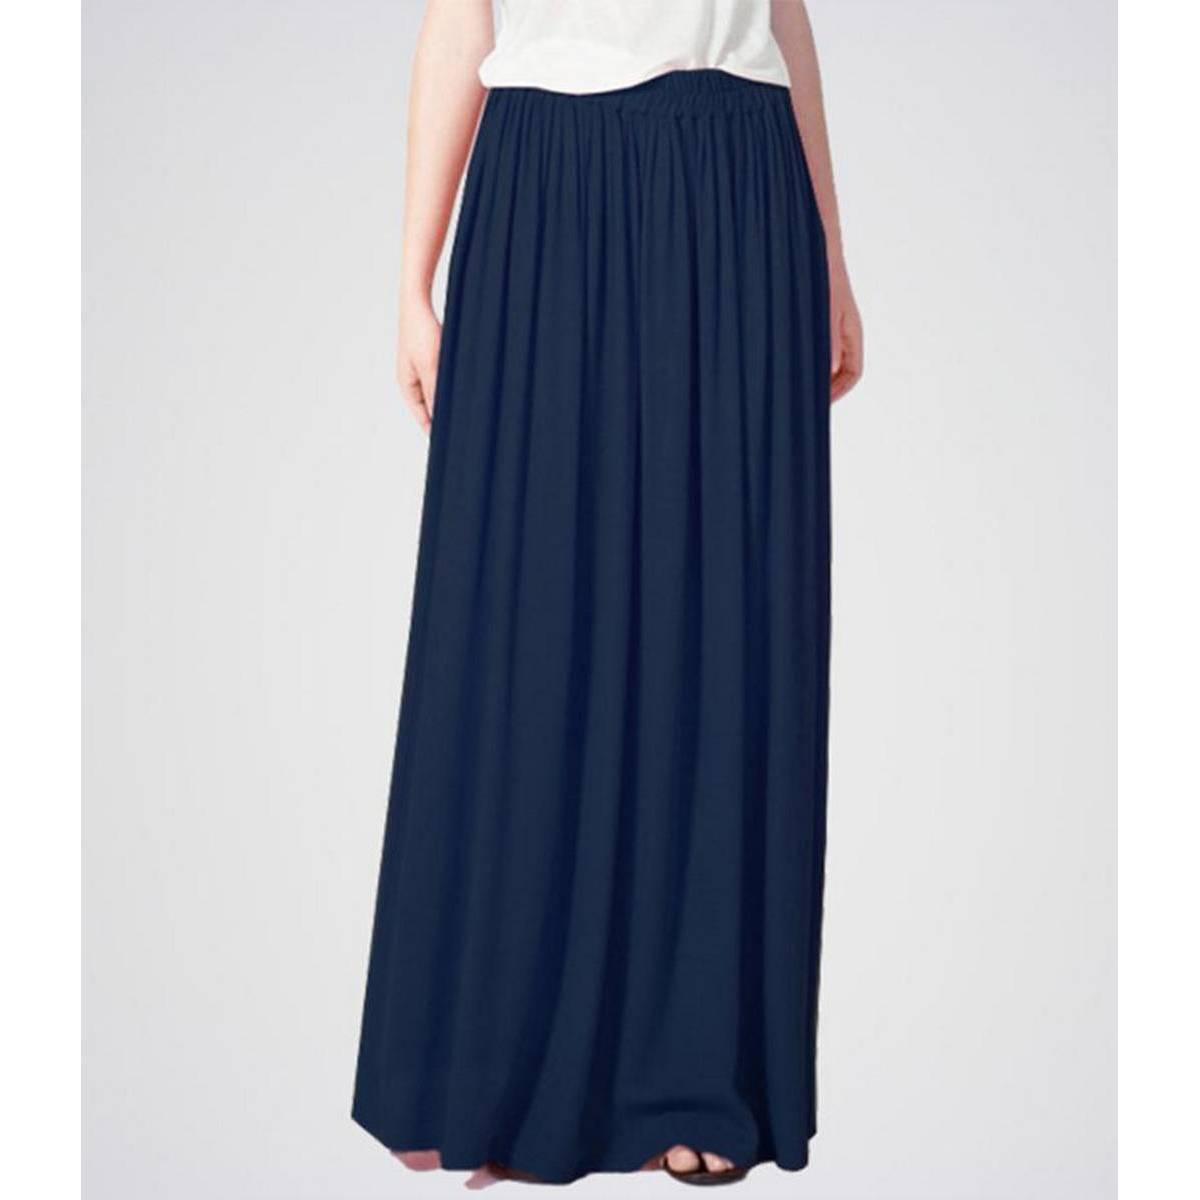 STYLE UP Blue Crepe Elasticated Waist Long Skirt For Women, Skirt For Girls